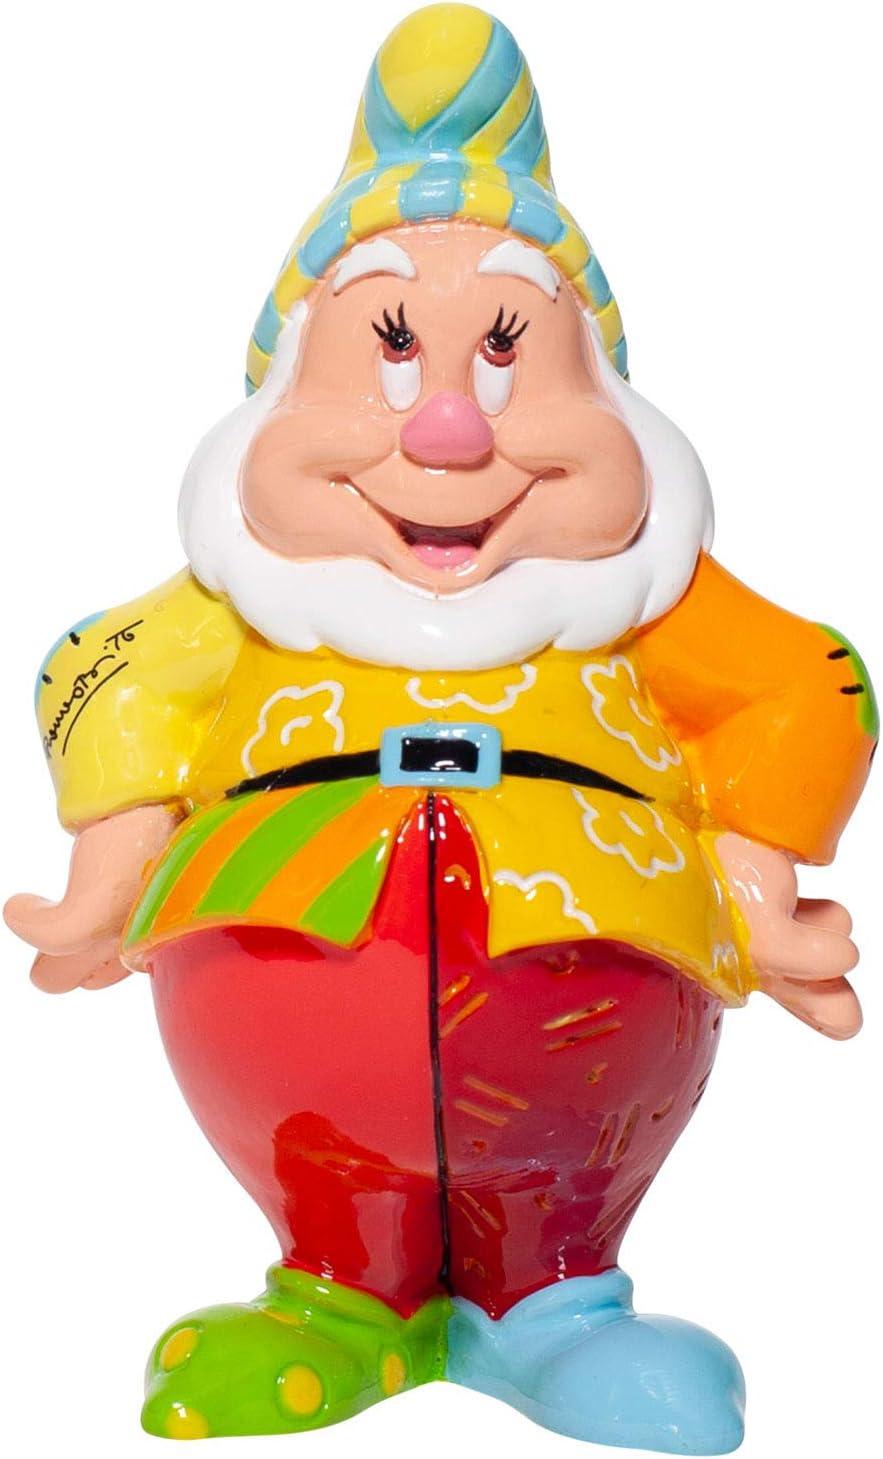 Enesco Disney by Romero Britto Snow White and The Seven Dwarfs Happy Miniature Figurine, 4.7 Inch, Multicolor